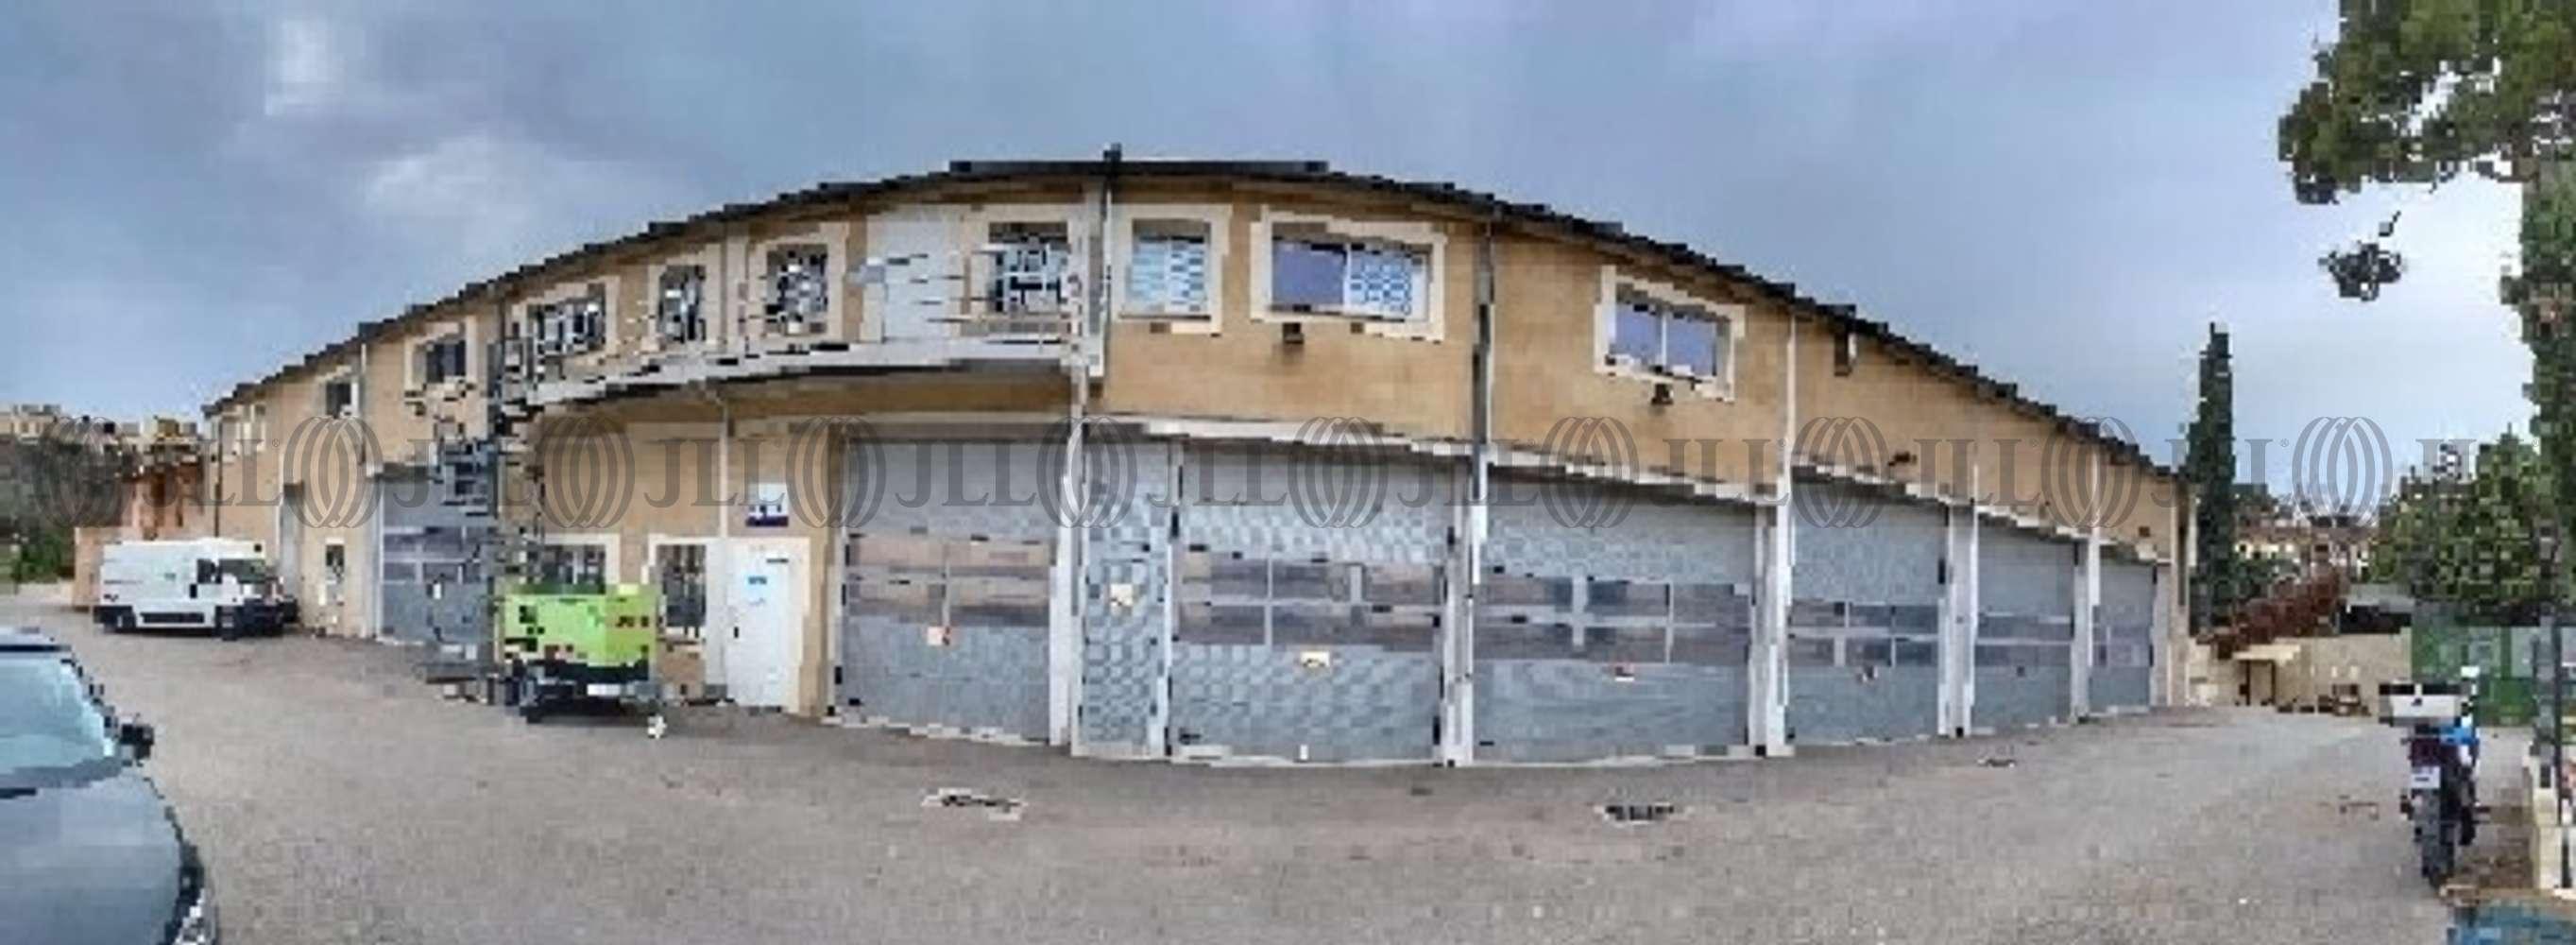 Activités/entrepôt Marseille, 13015 - LOCATION LOCAUX D'ACTIVITÉ / BUREAUX